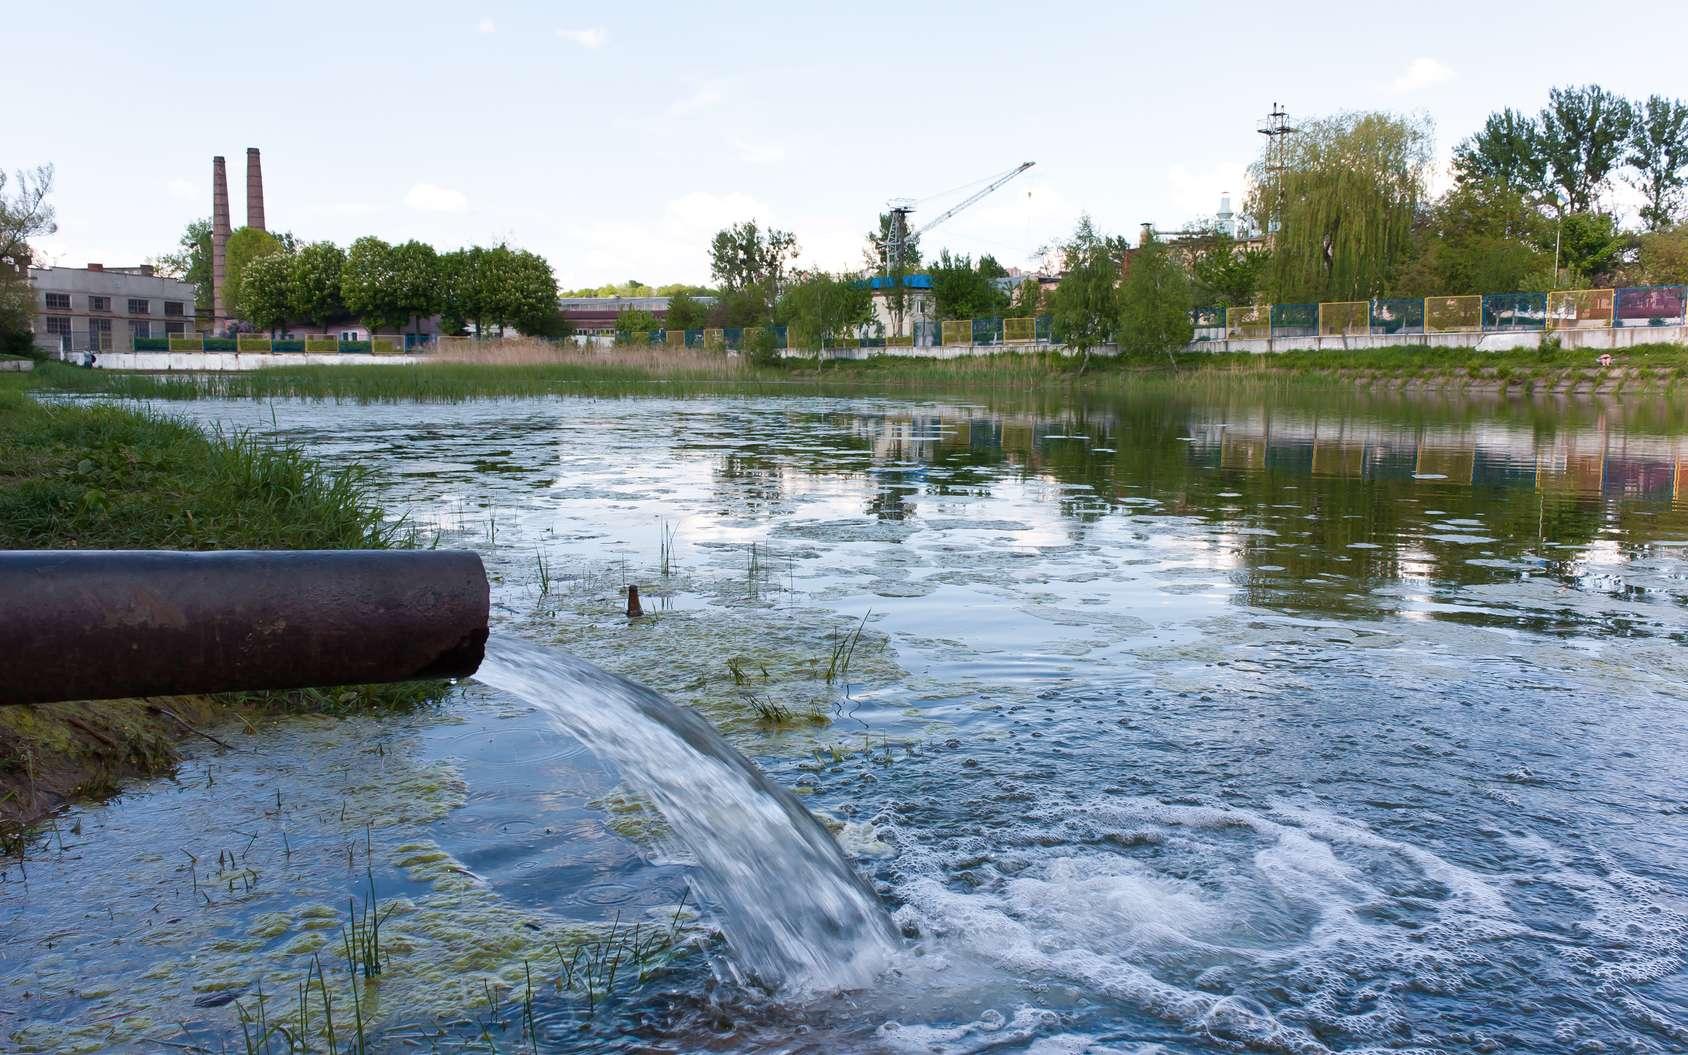 Les débris et la turbidité sont des indicateurs de pollution de l'eau. © alexmia, Fotolia